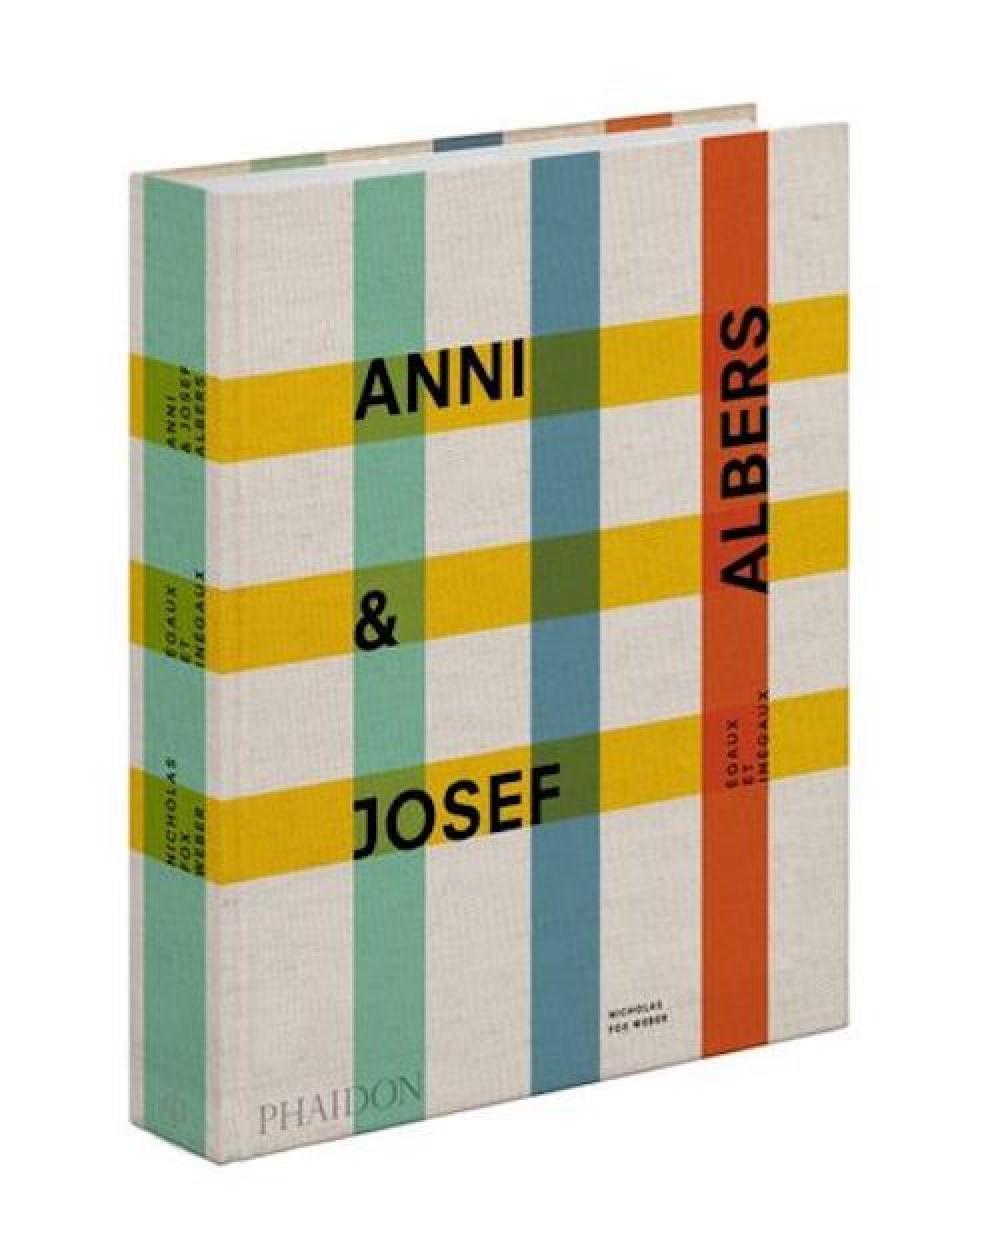 Anni et Josef Albers - Egal mais inégal